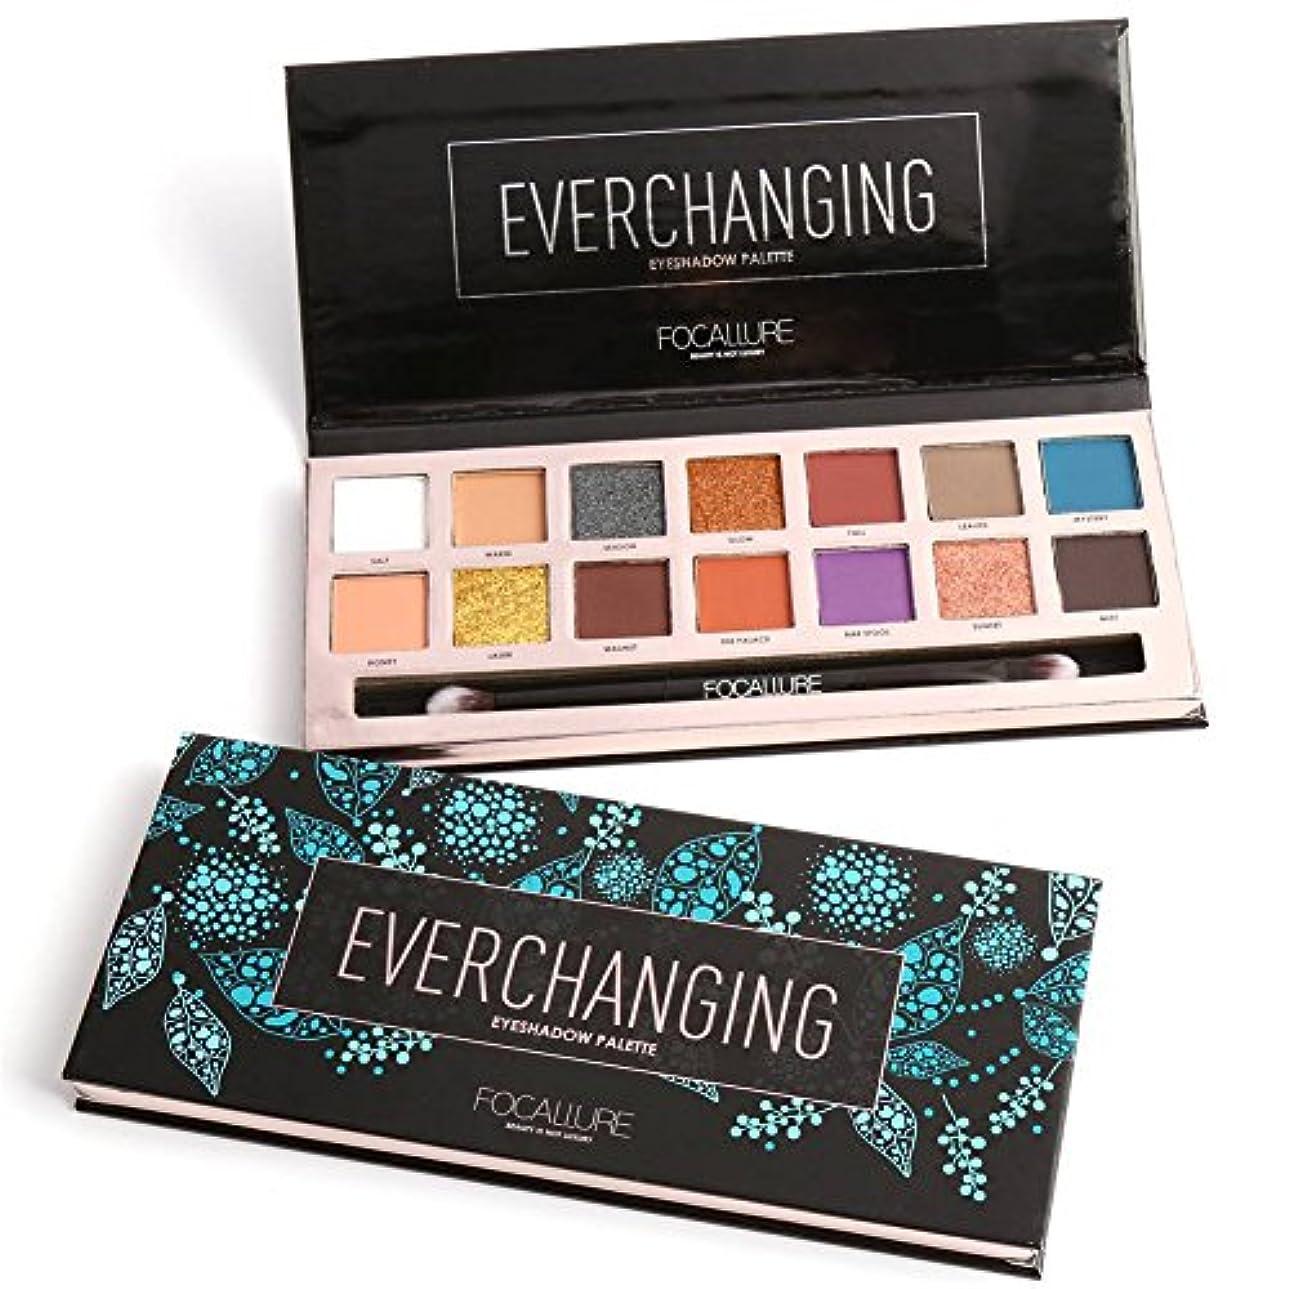 眉をひそめる残忍な責任14 Colors Eyeshadow Palette Matte Glitter Shimmer Everchanging Eyeshadow Palette with Brush 14色のマット?グリッター?シマーEverchanging...